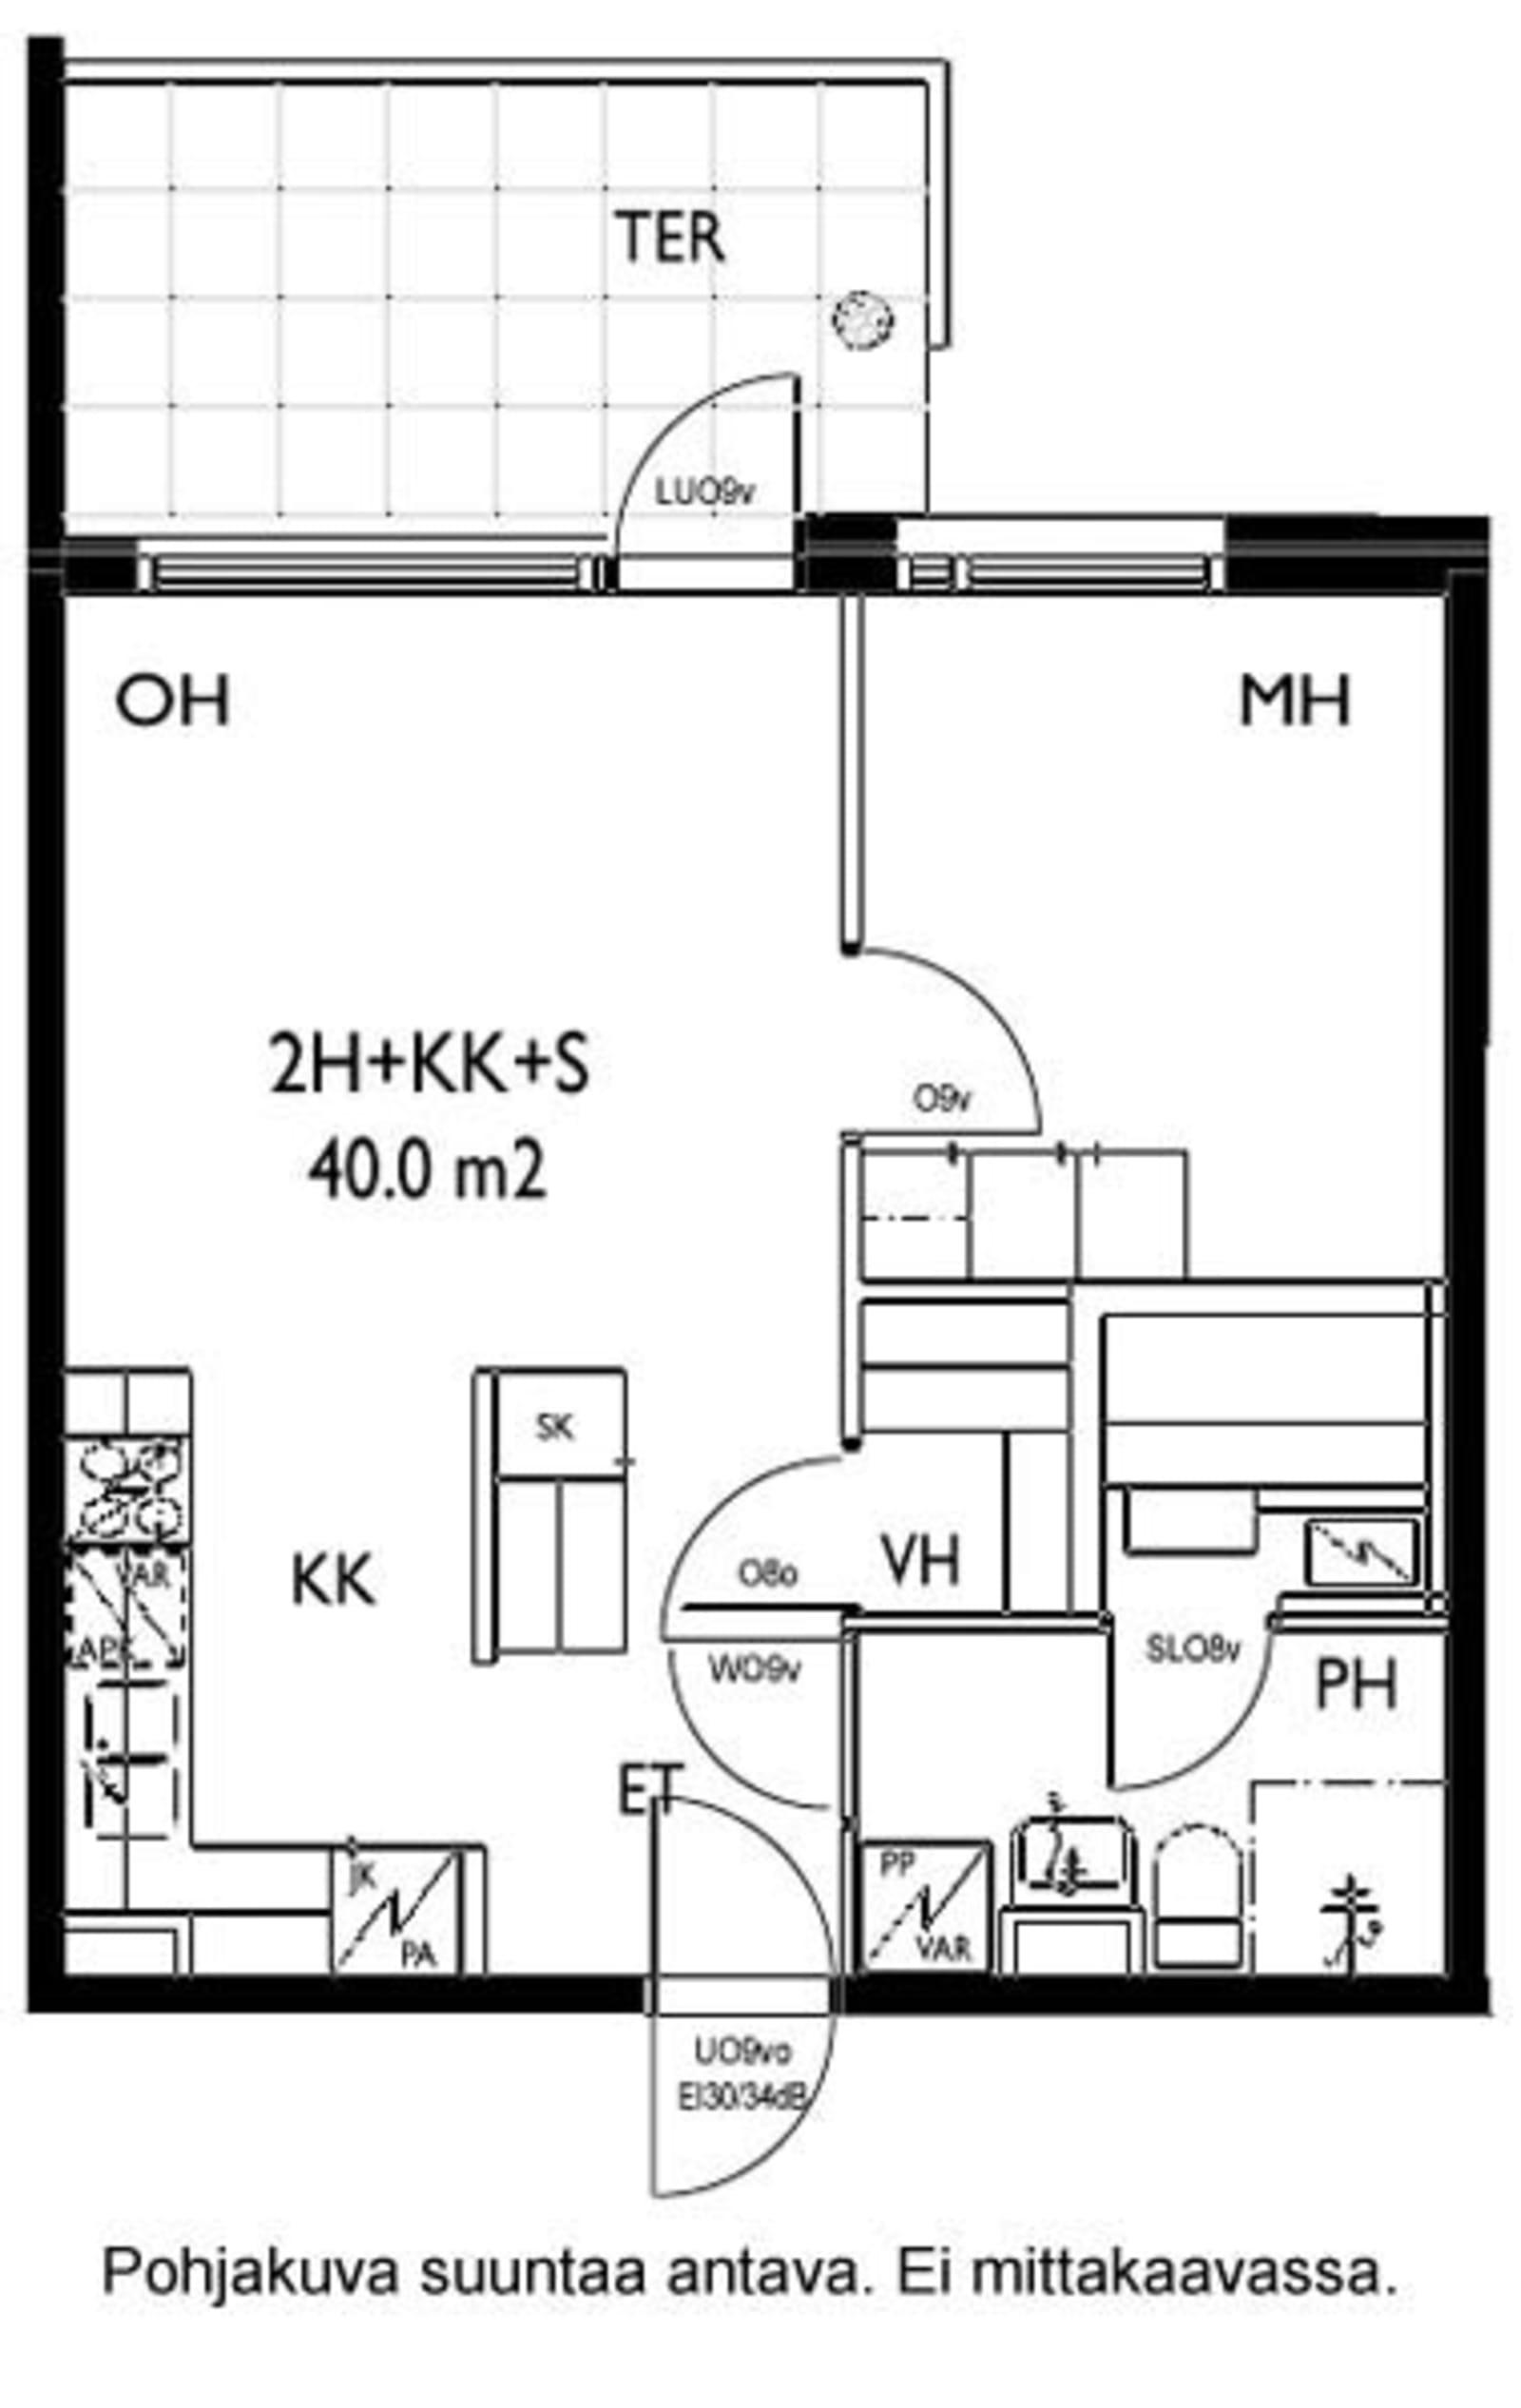 Oulu, Keskusta, Tervaraitti 2 A 004